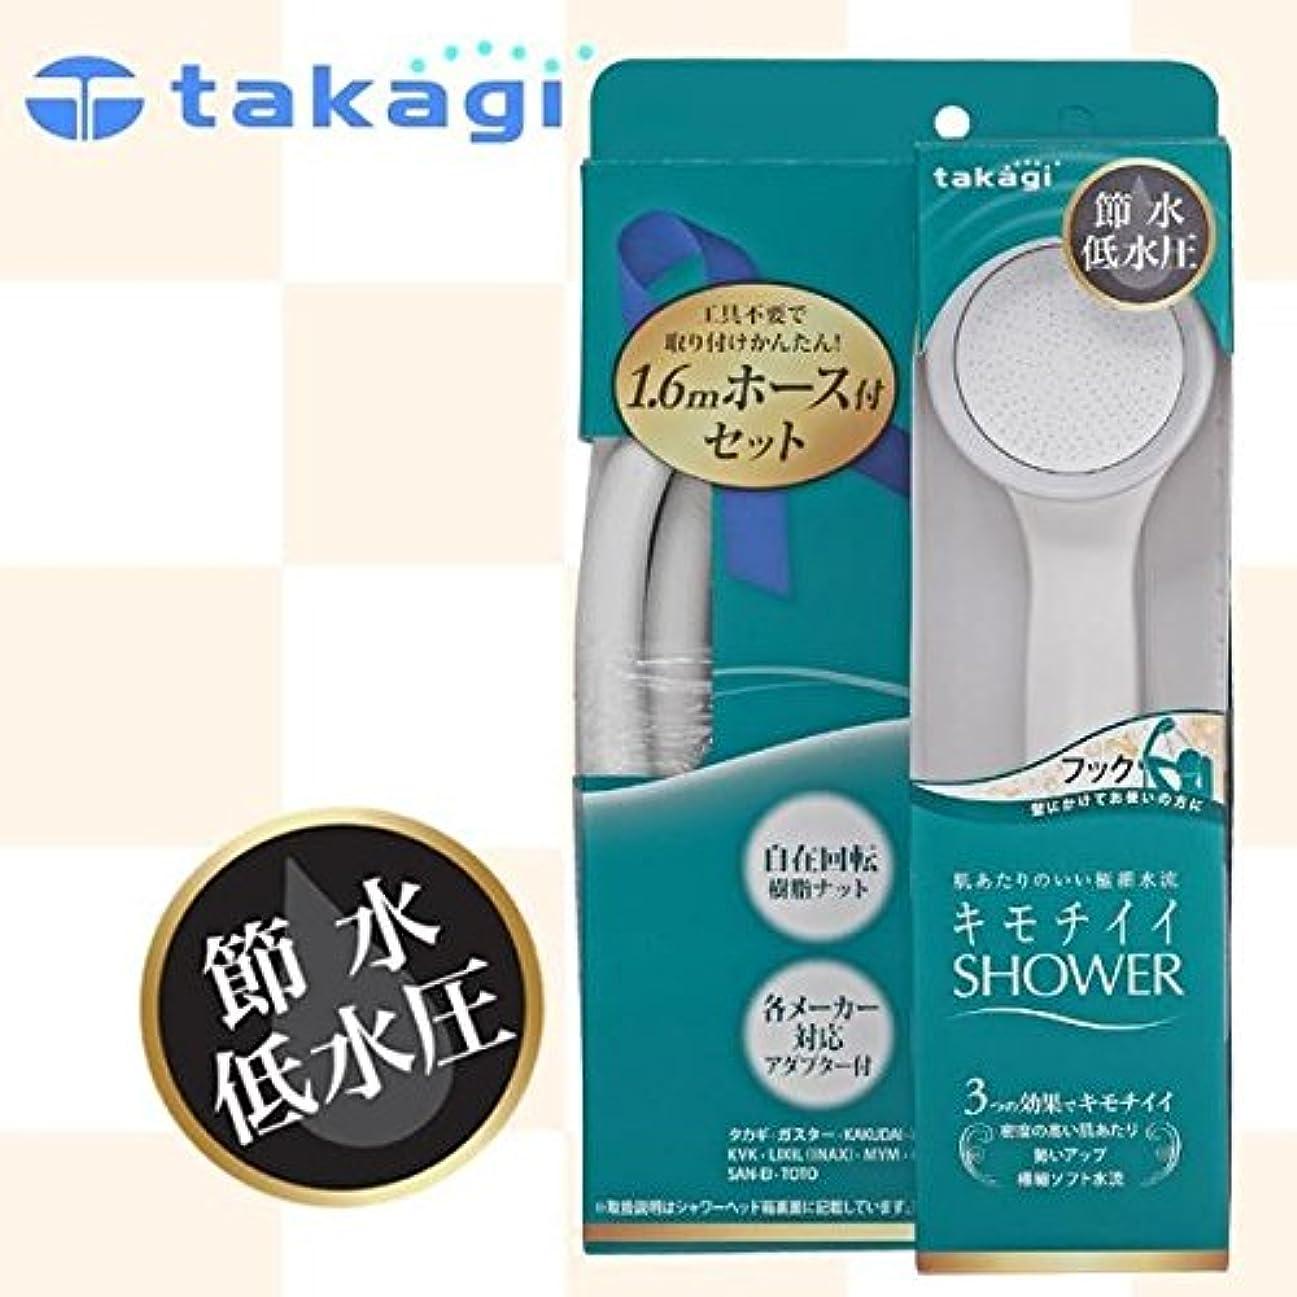 空洞風変わりな考慮takagi タカギ 浴室用シャワーヘッド キモチイイシャワーホースセットWT フックタイプ【同梱?代引不可】